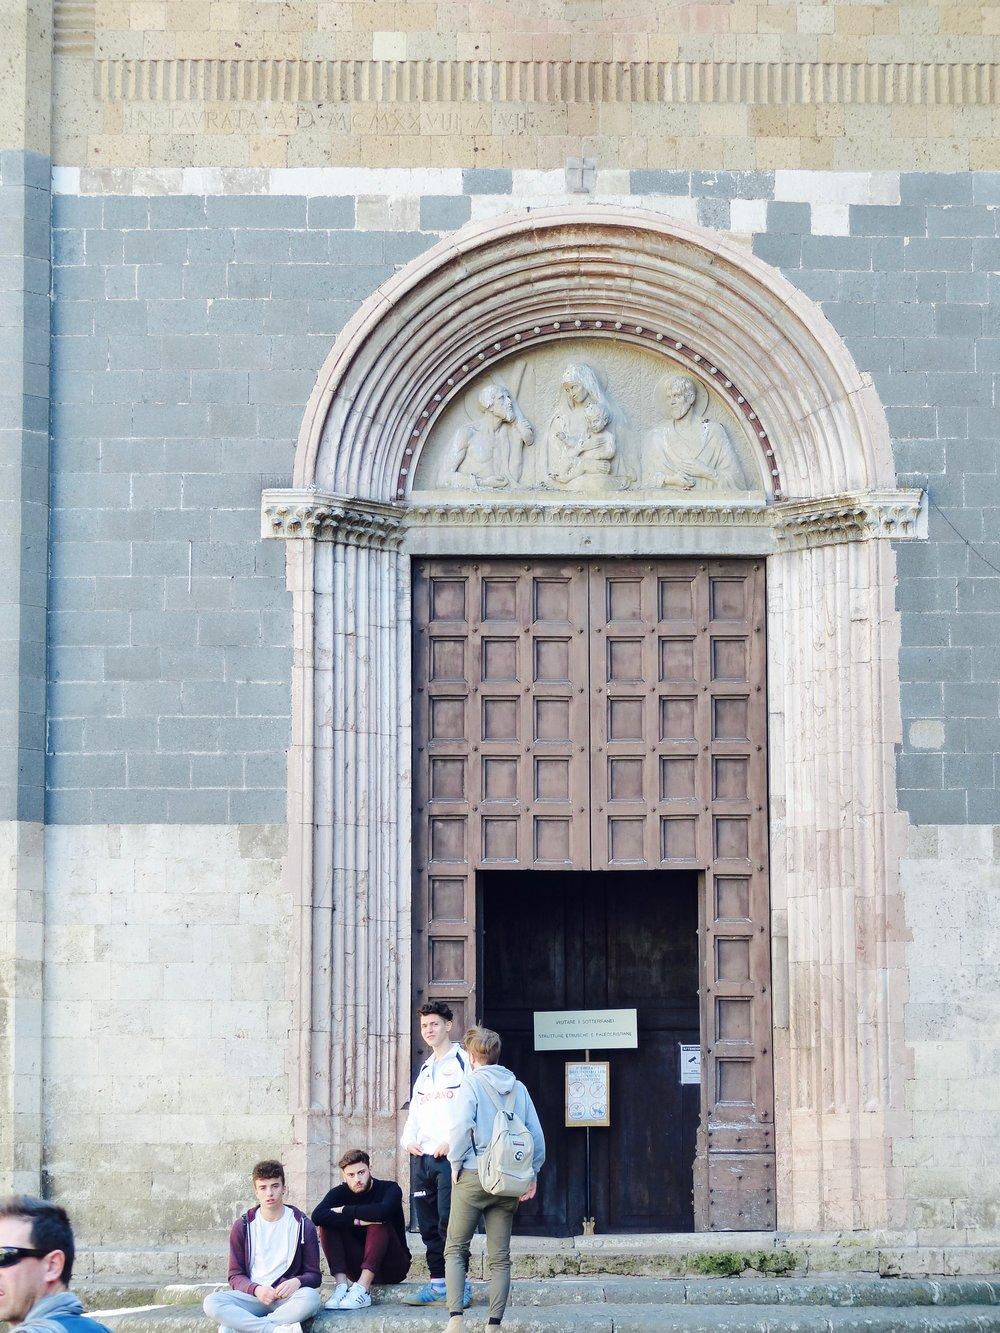 orvieto_church_door.jpg